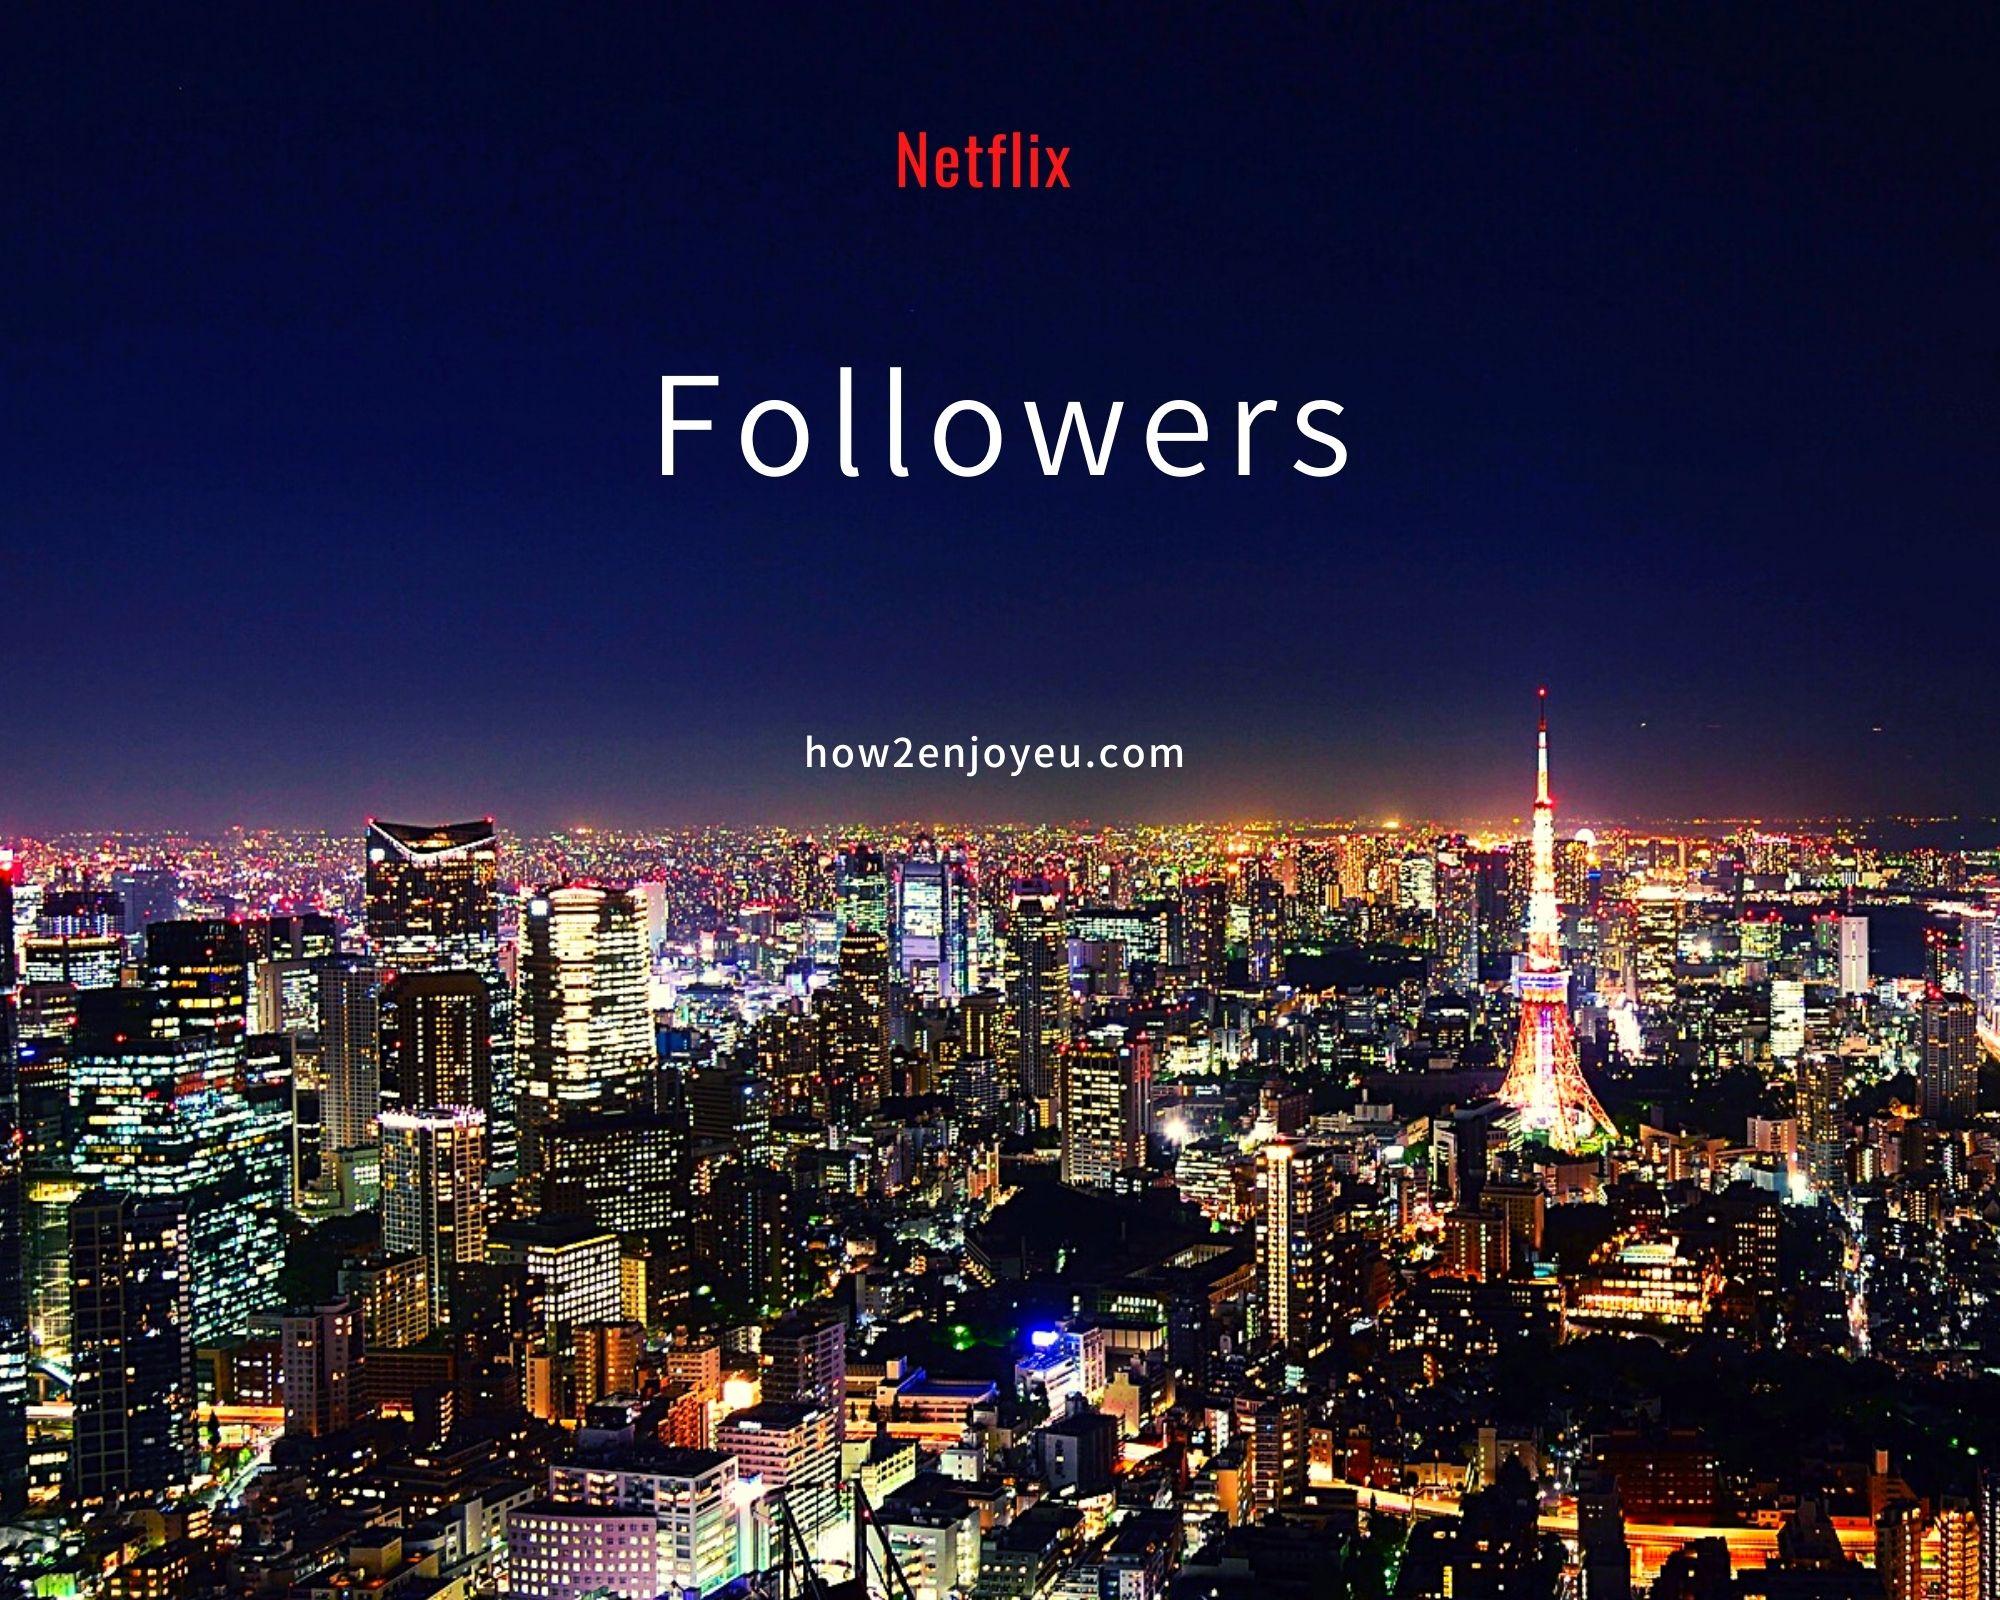 ネットフリックス「Followers」【ドイツで日本制作の作品だけをNetflixで観る1週間】